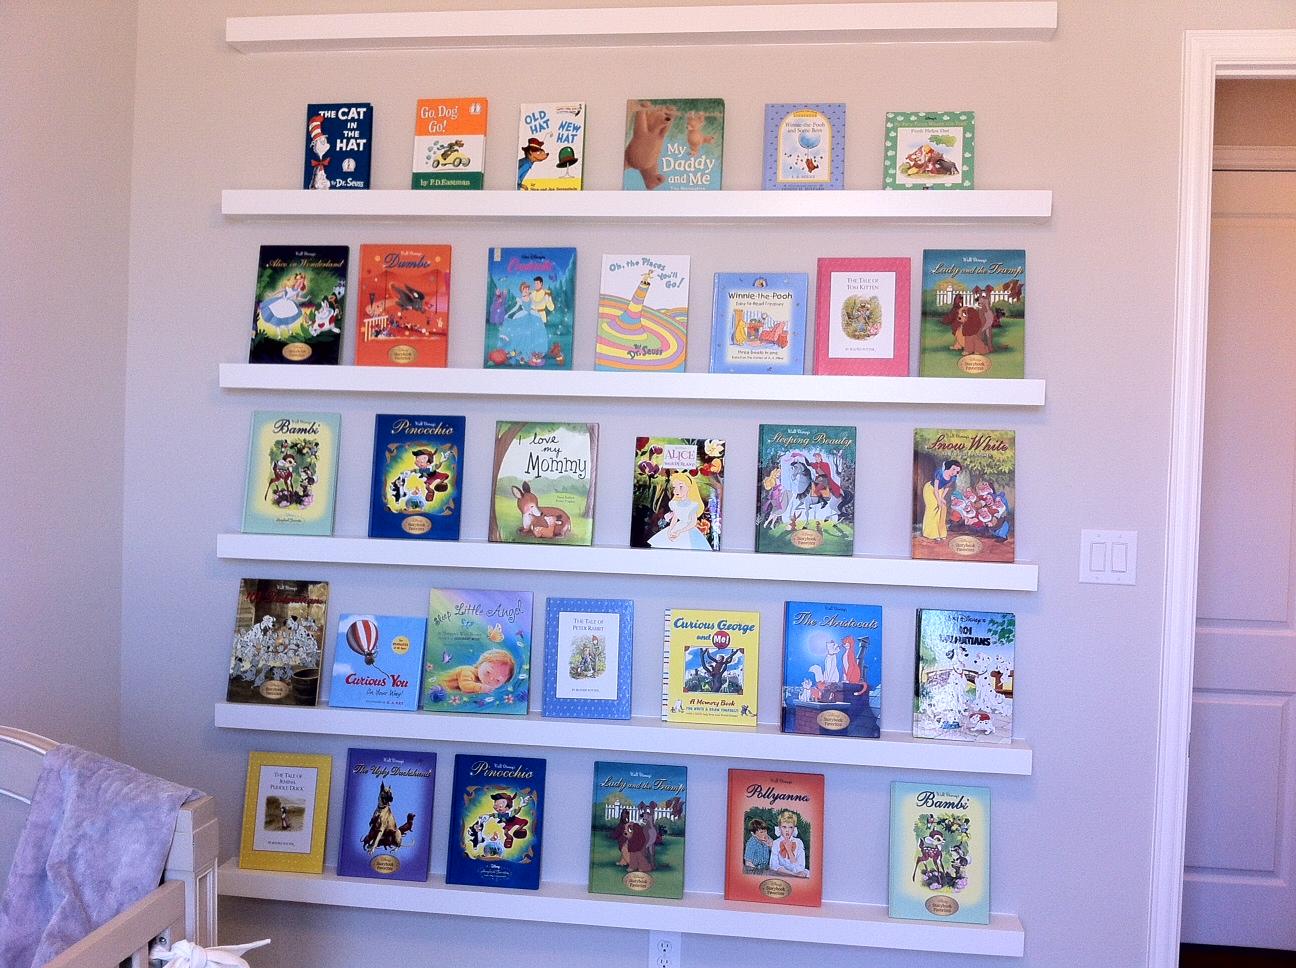 Whimsical Bookshelf Designs By Tamela